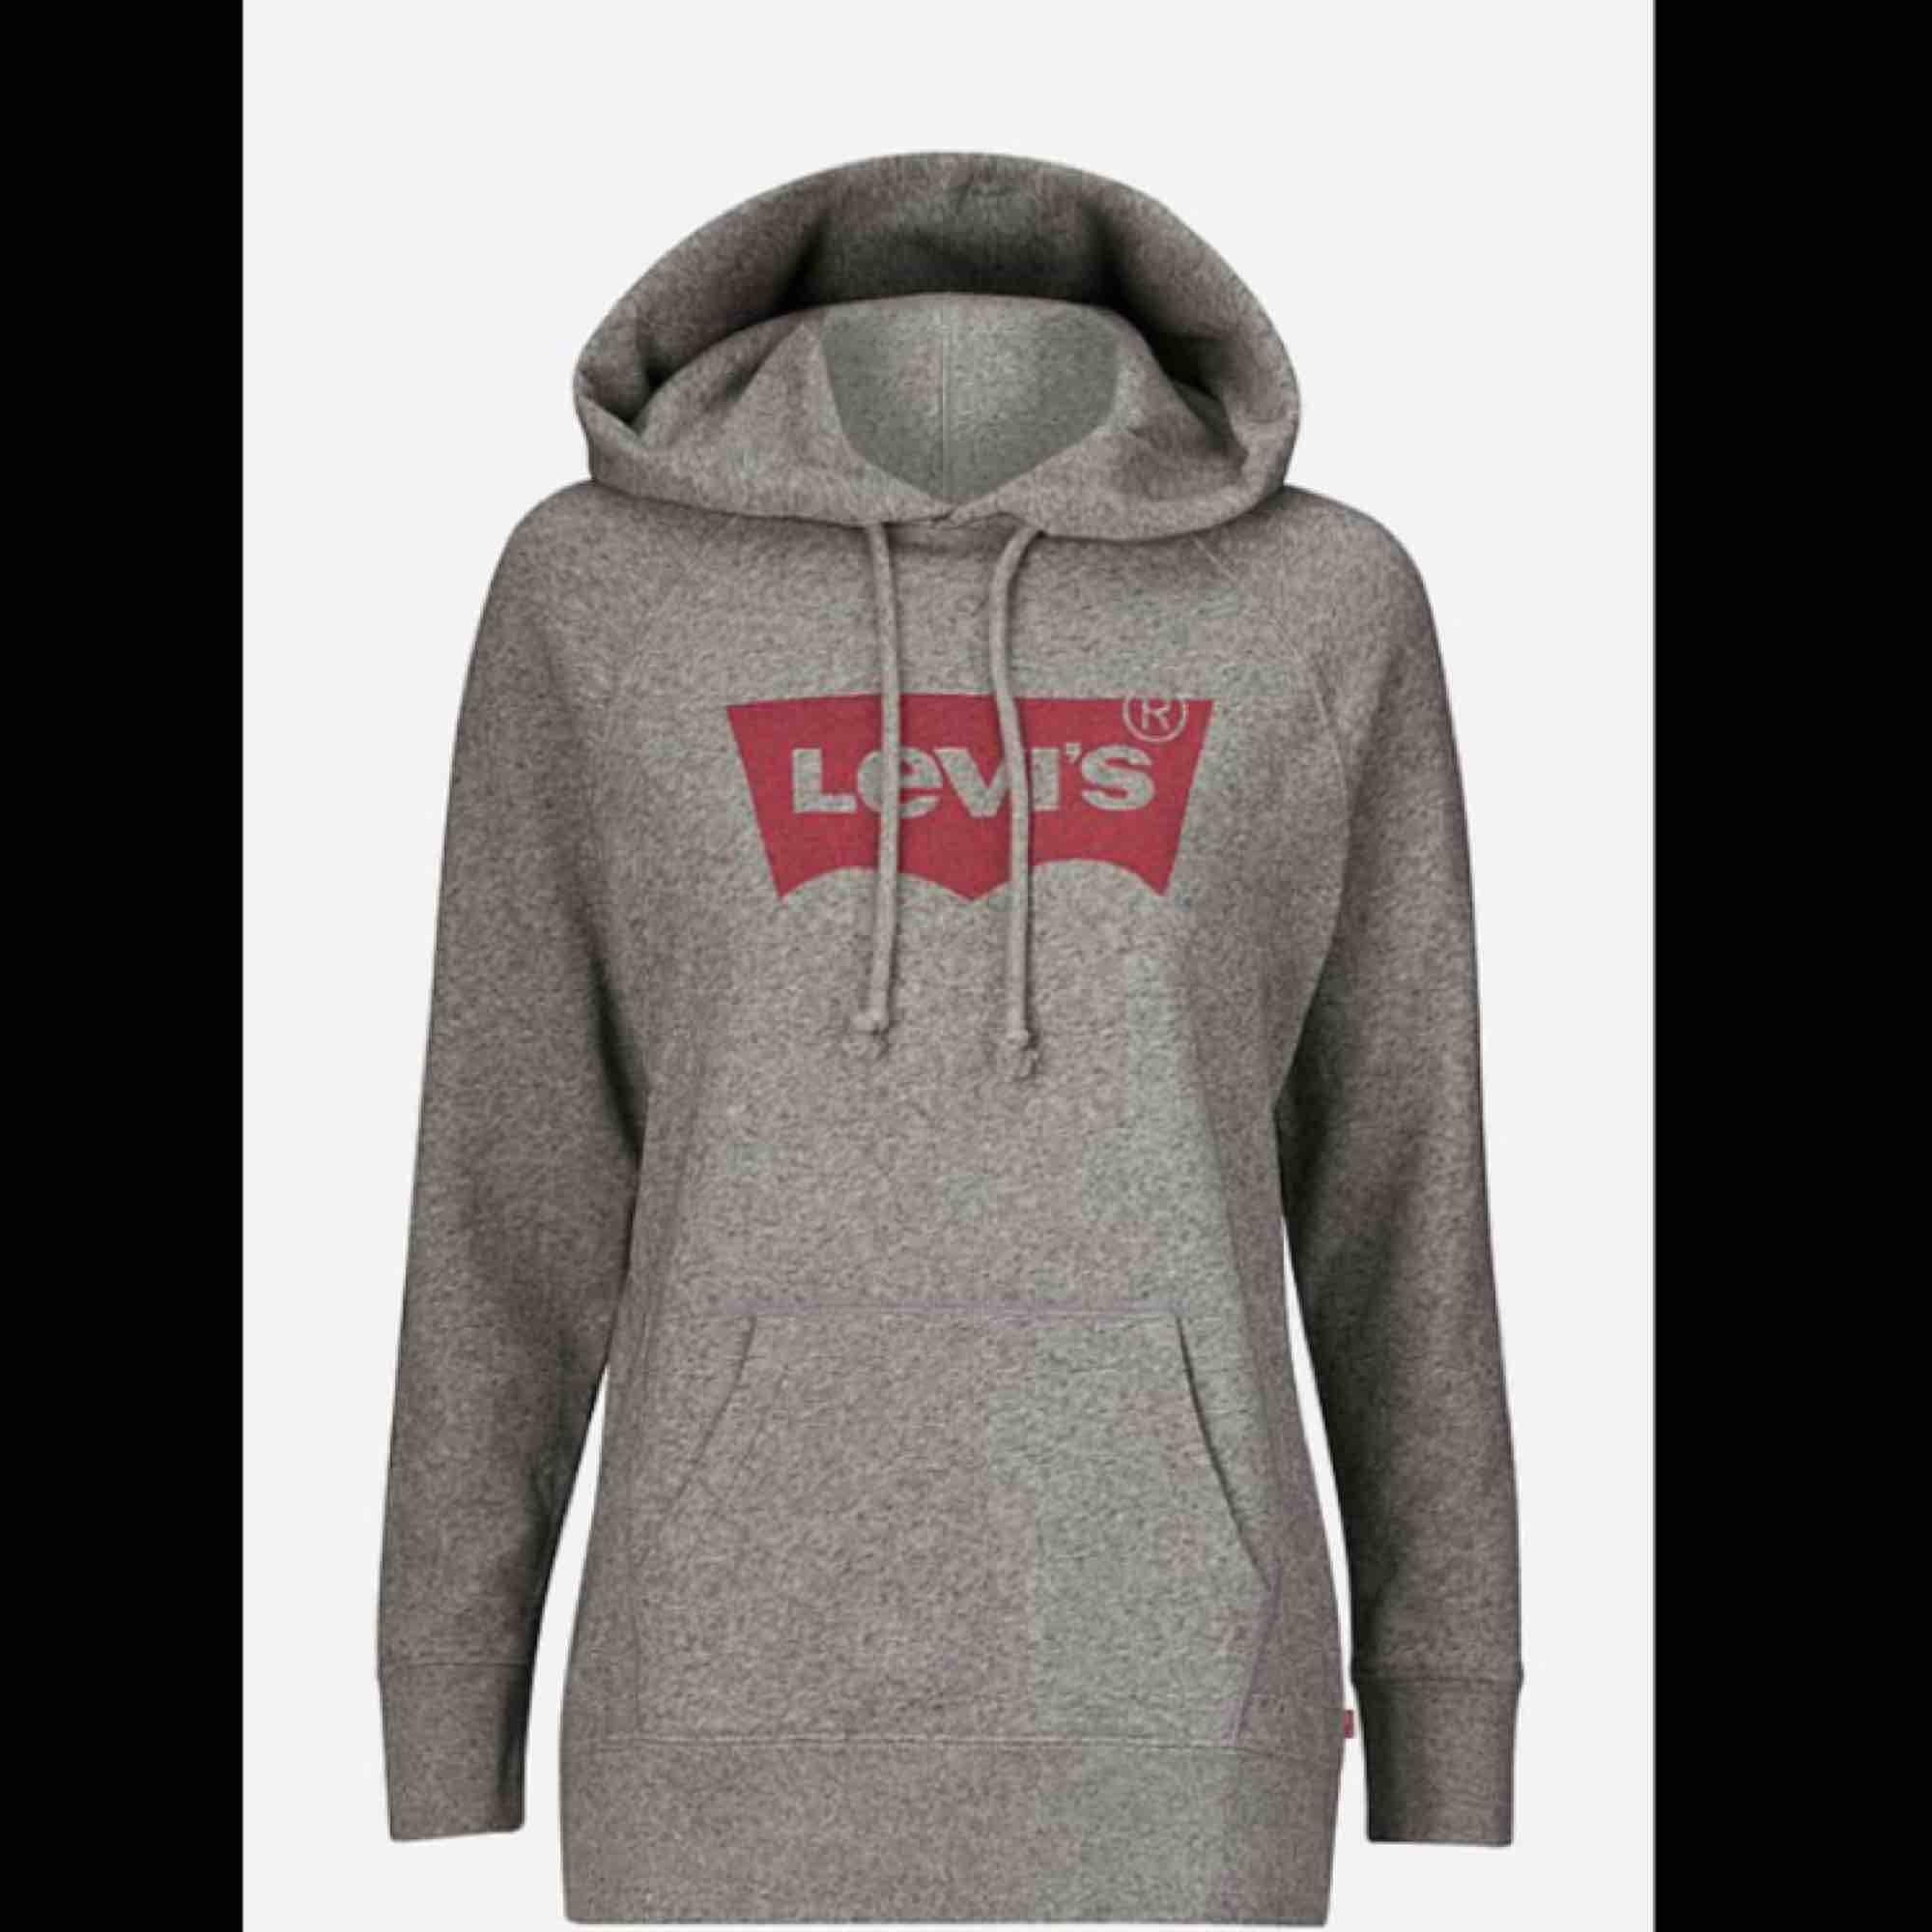 Säljer min gråa, mysiga Levis hoodie i mycket bra skick då den använts ca 2-3 gånger. Säljes pga fel stolek då storleken är XS men sitter mer som en S-M.  Frakt tillkommer, kan annars mötas upp på Södermalm. Pris kan diskuteras.. Huvtröjor & Träningströjor.